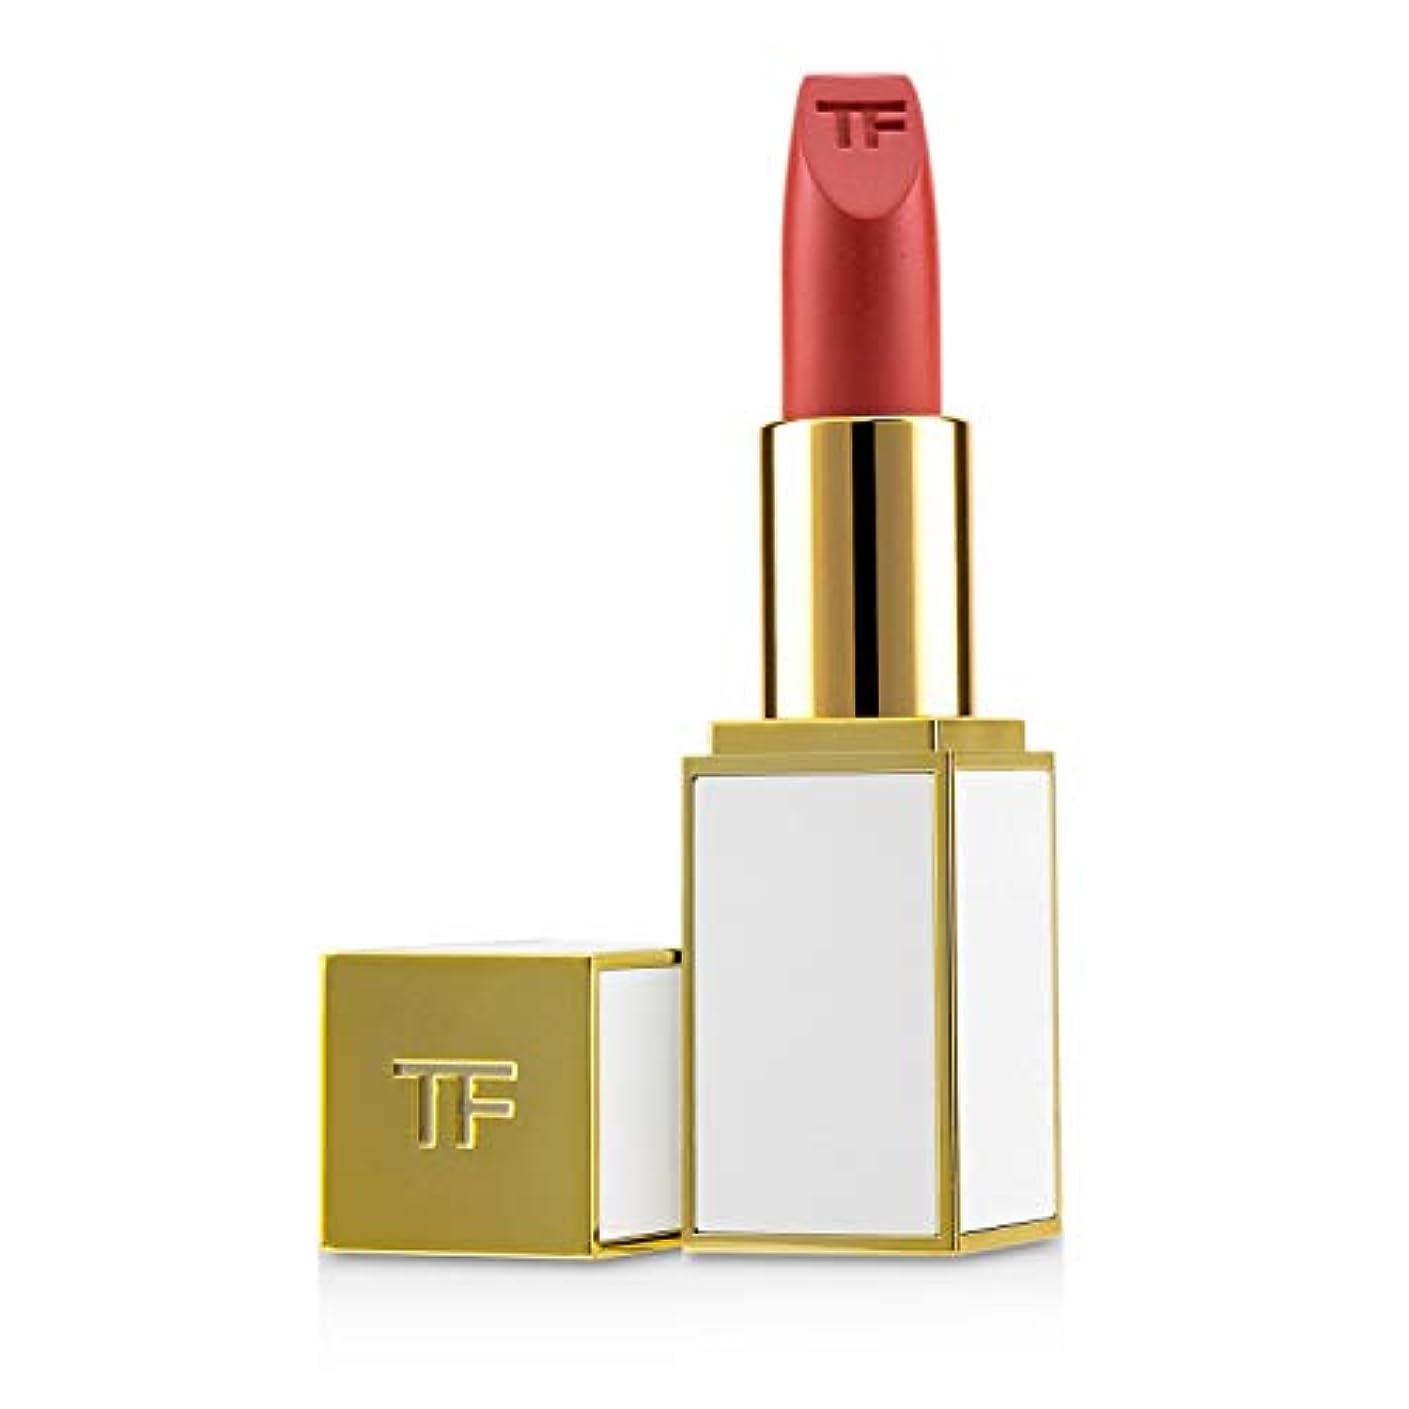 普通の編集者非難トム フォード Lip Color Sheer - # 16 Pieno Sole 3g/0.1oz並行輸入品